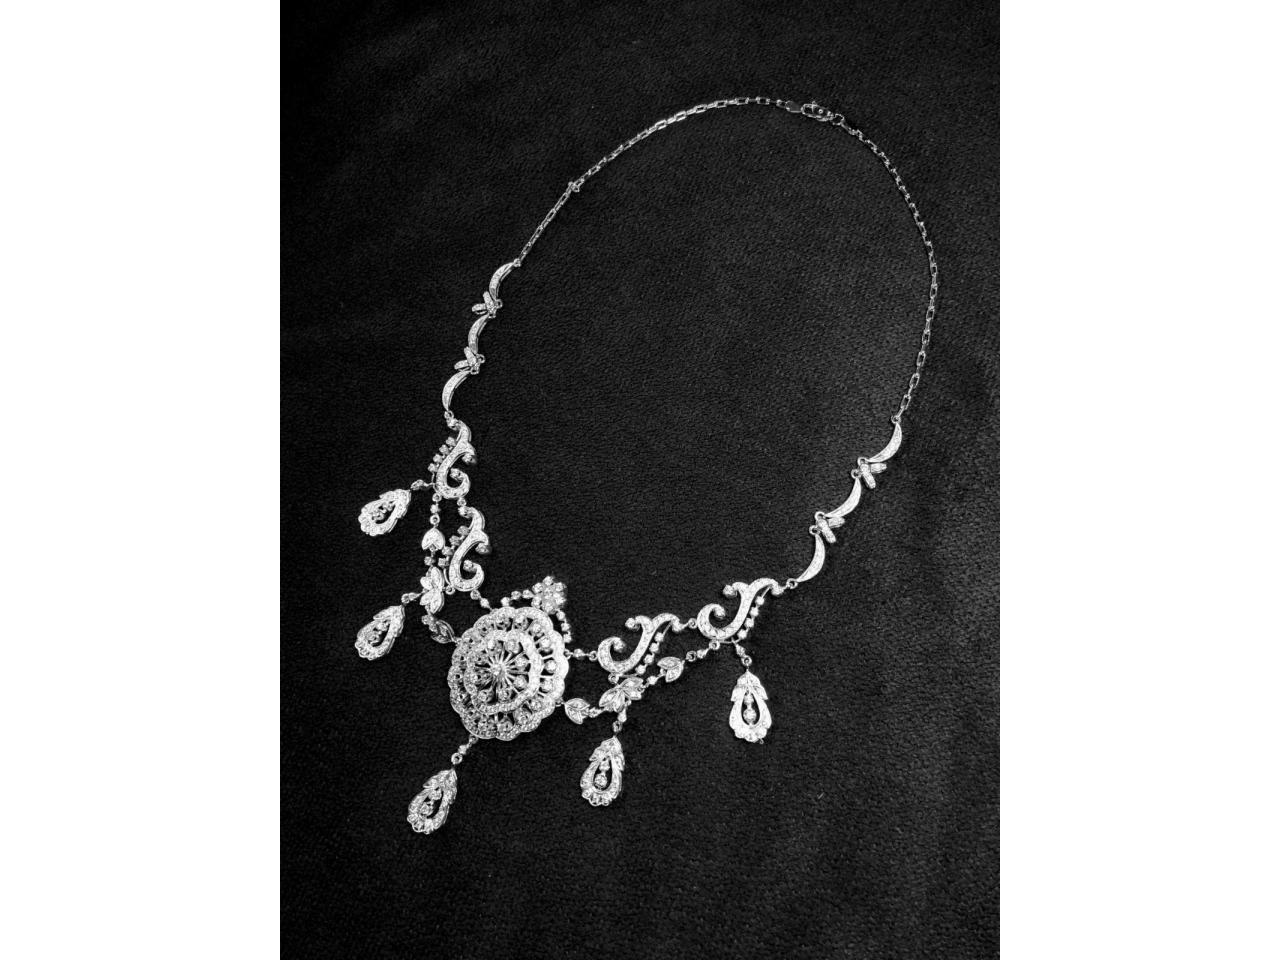 Эксклюзивное ожерелье и брослет серебро 925 пробы - 1